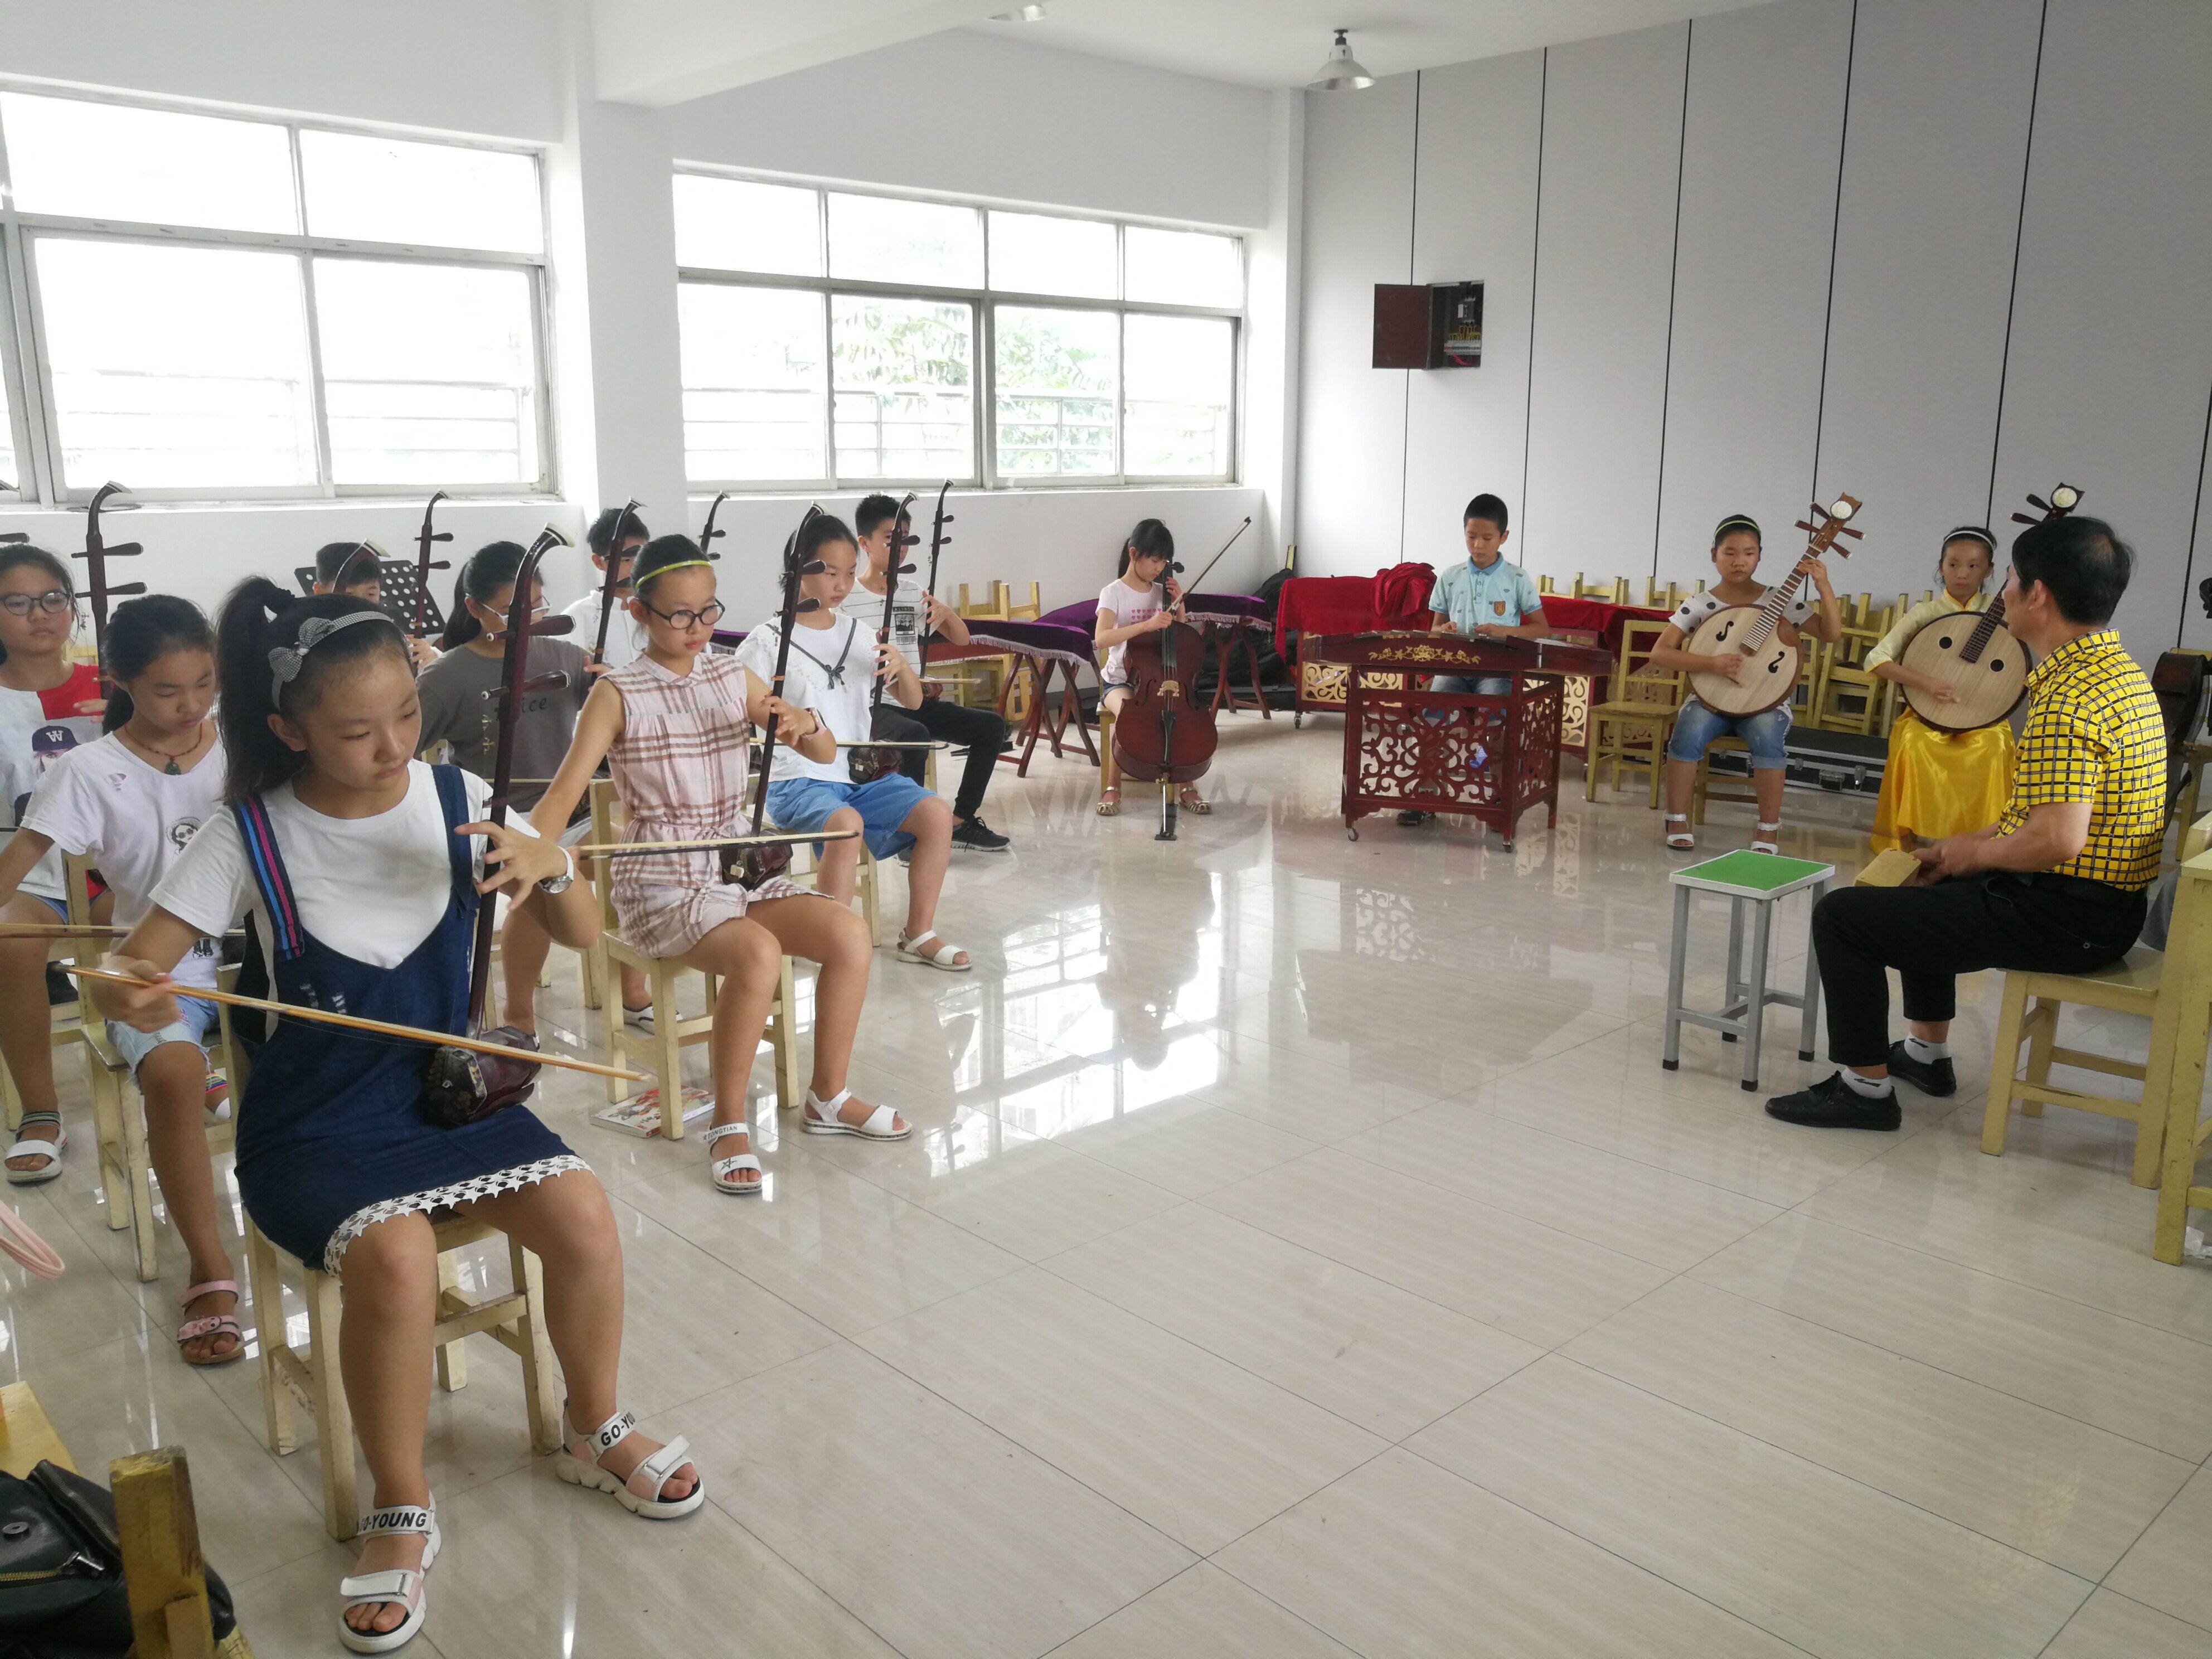 玉泉小学利用假期开展丰富多彩的学生艺术活动